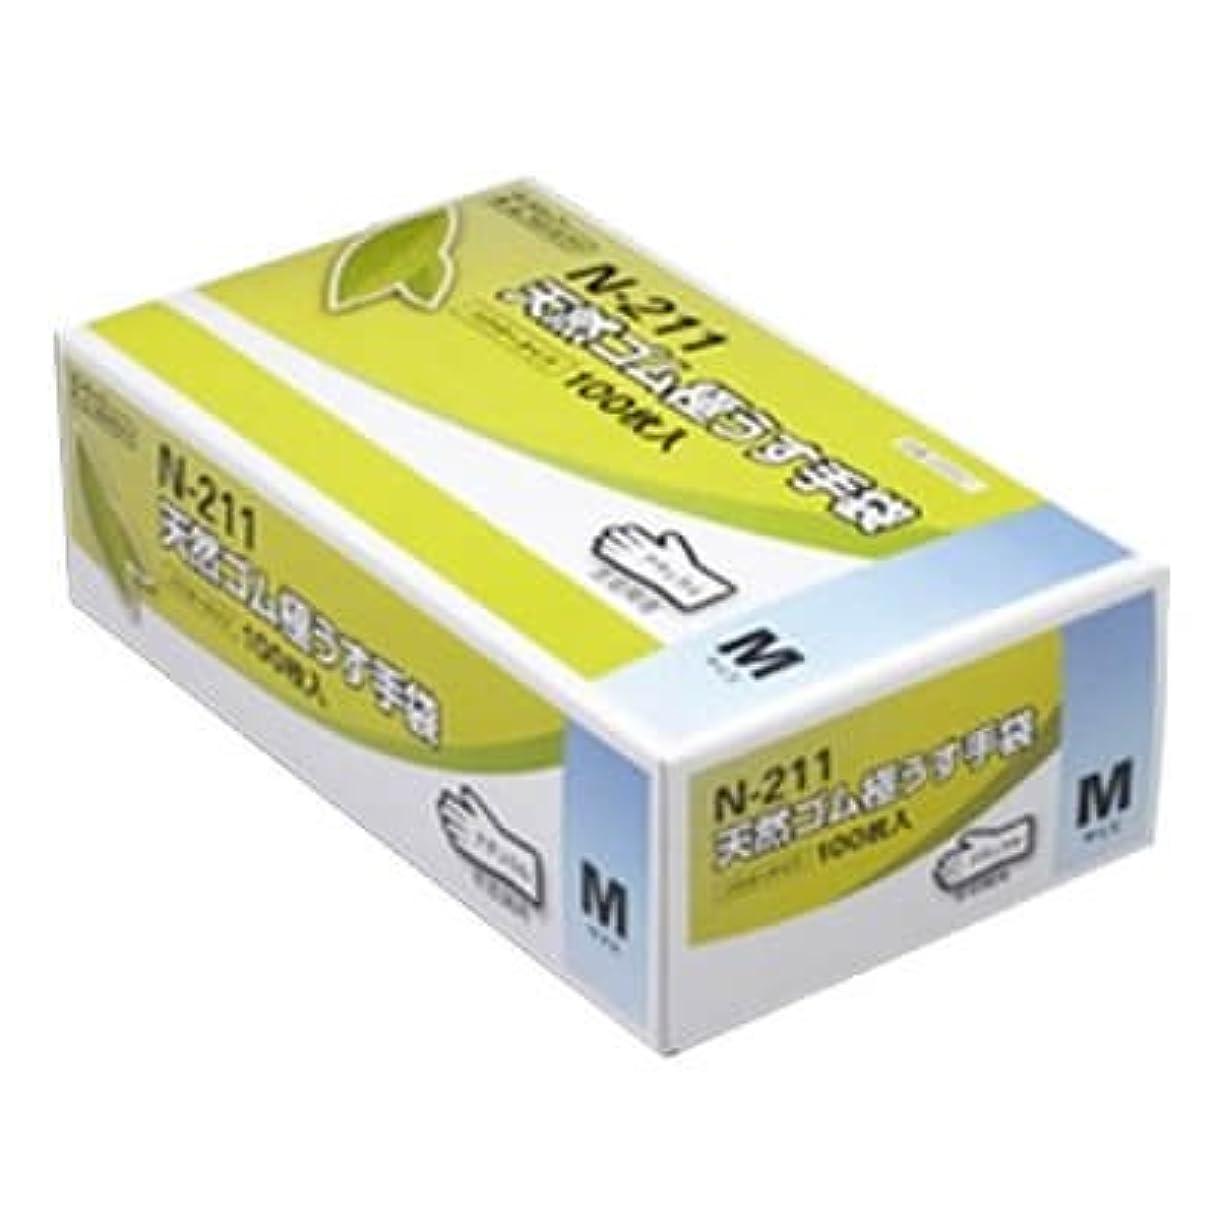 カリキュラム挑発するドル【ケース販売】 ダンロップ 天然ゴム極うす手袋 N-211 M ナチュラル (100枚入×20箱)